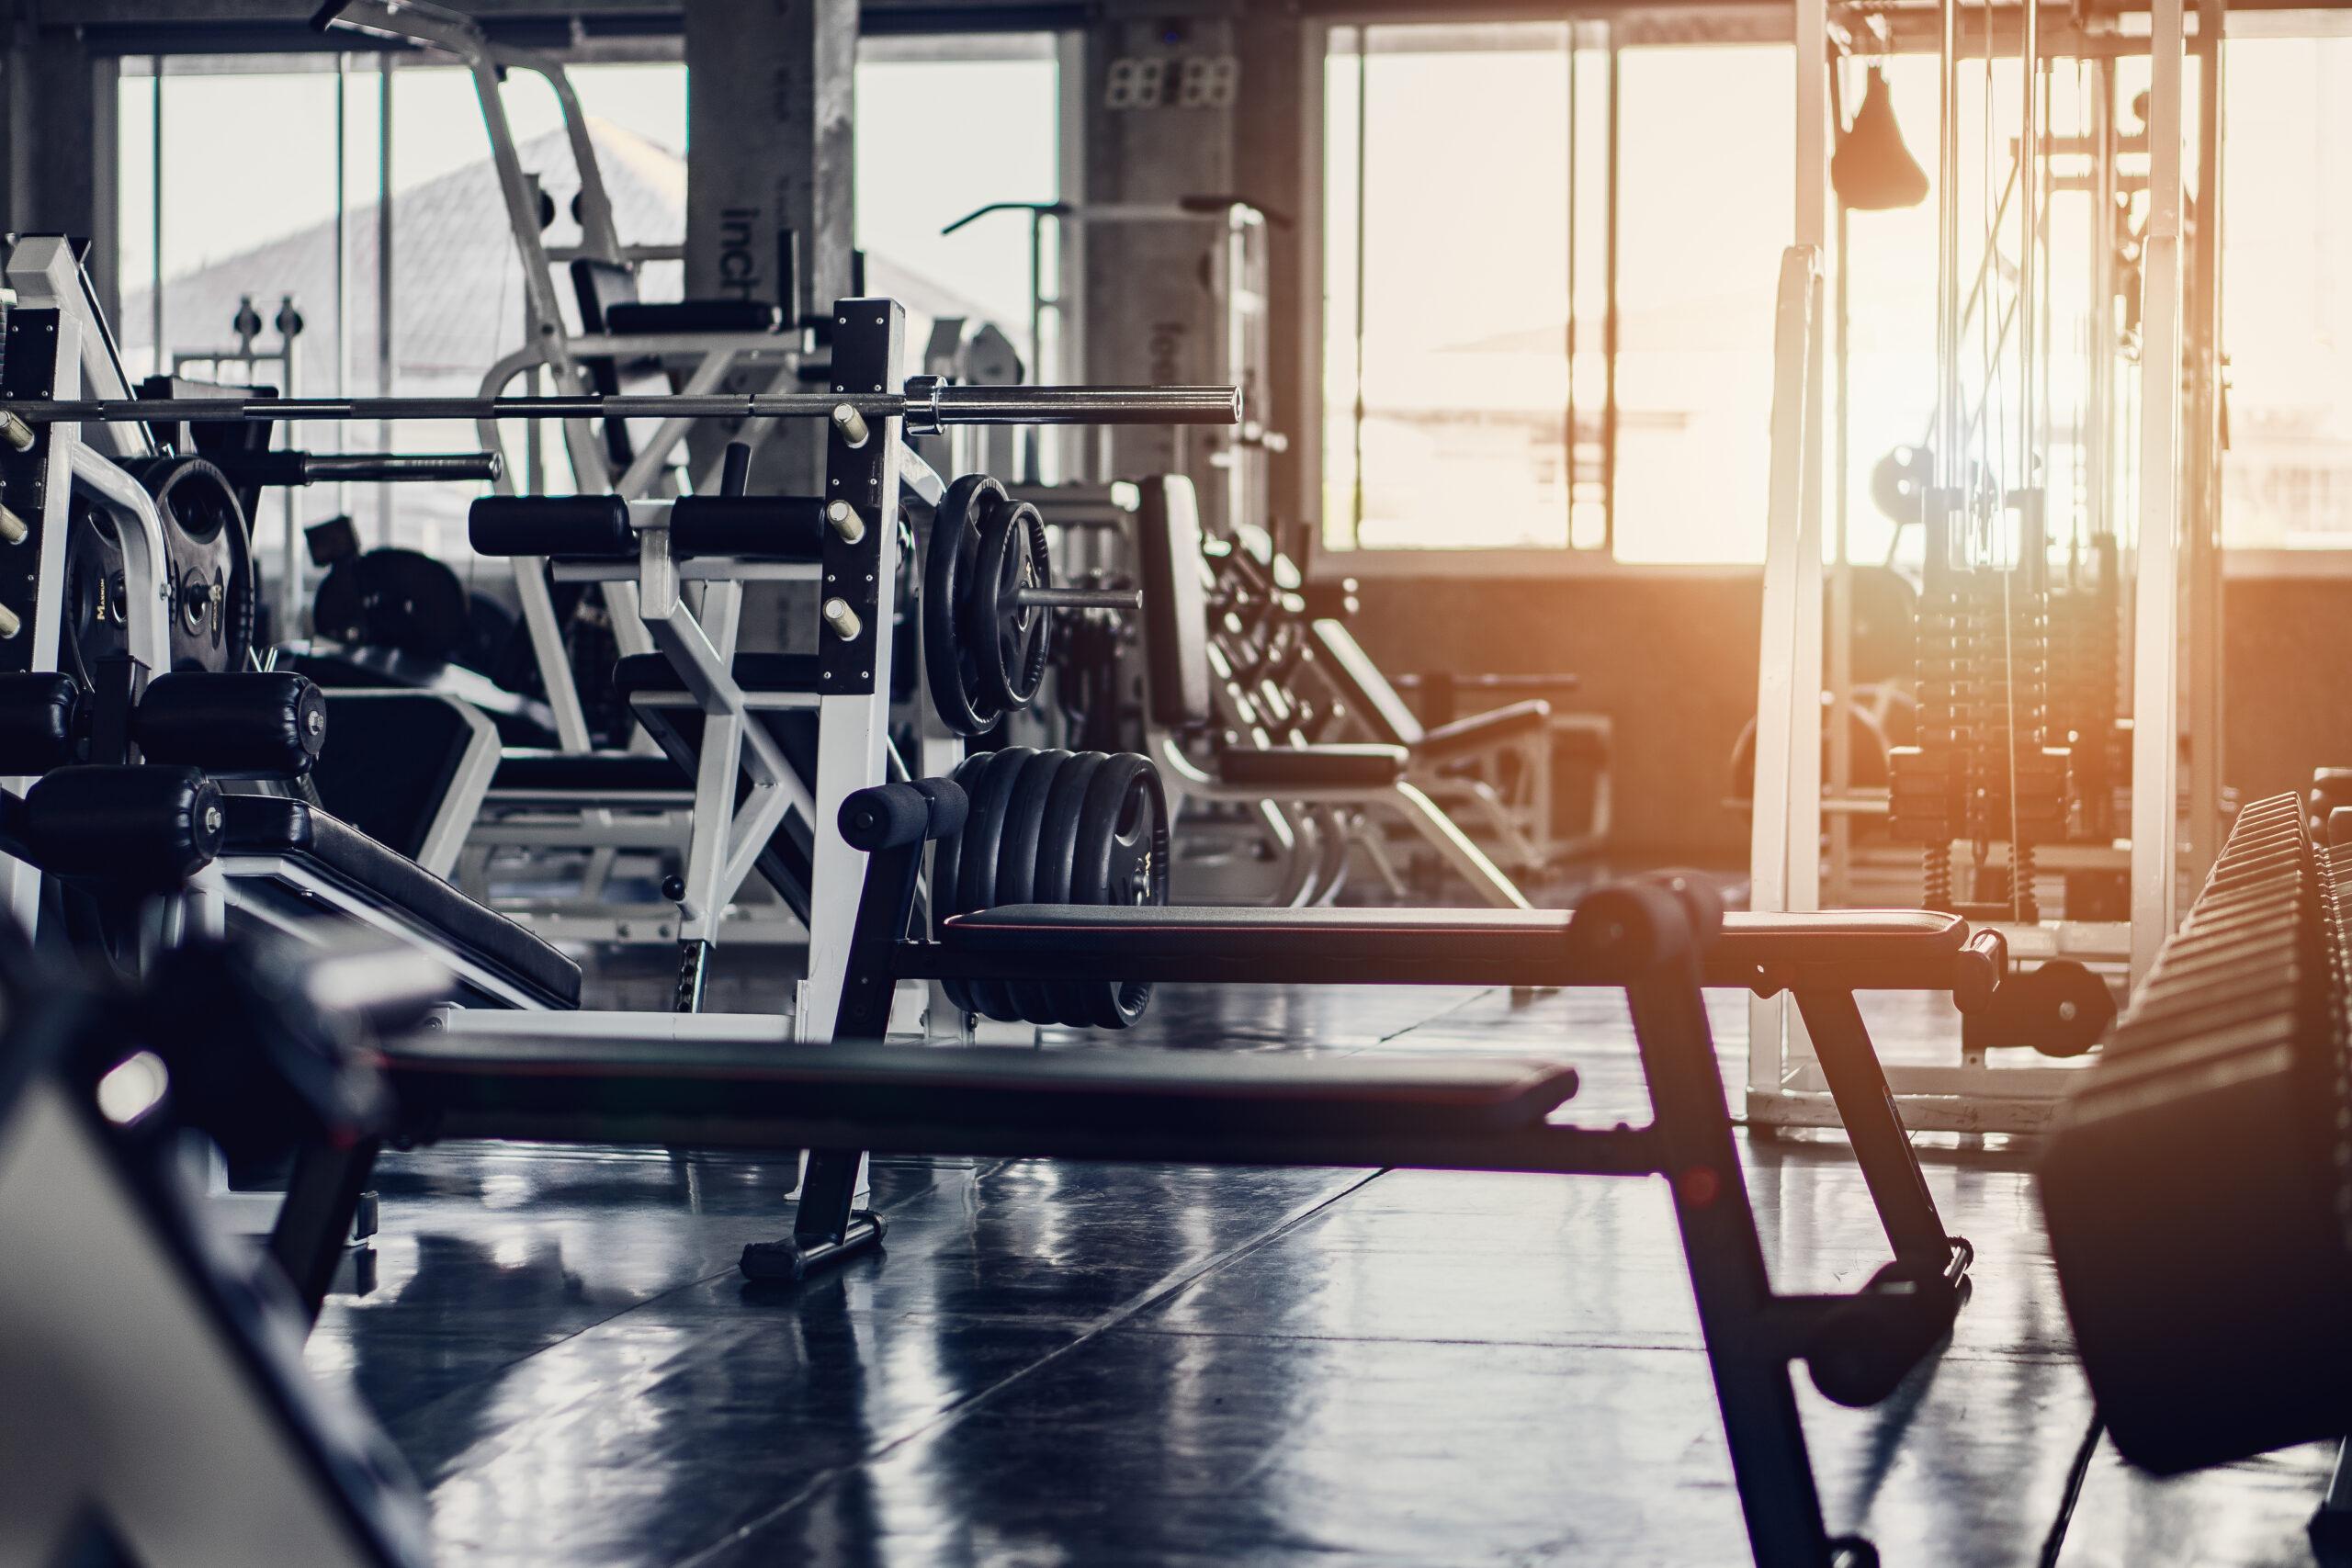 gym_etiquette_globalpt